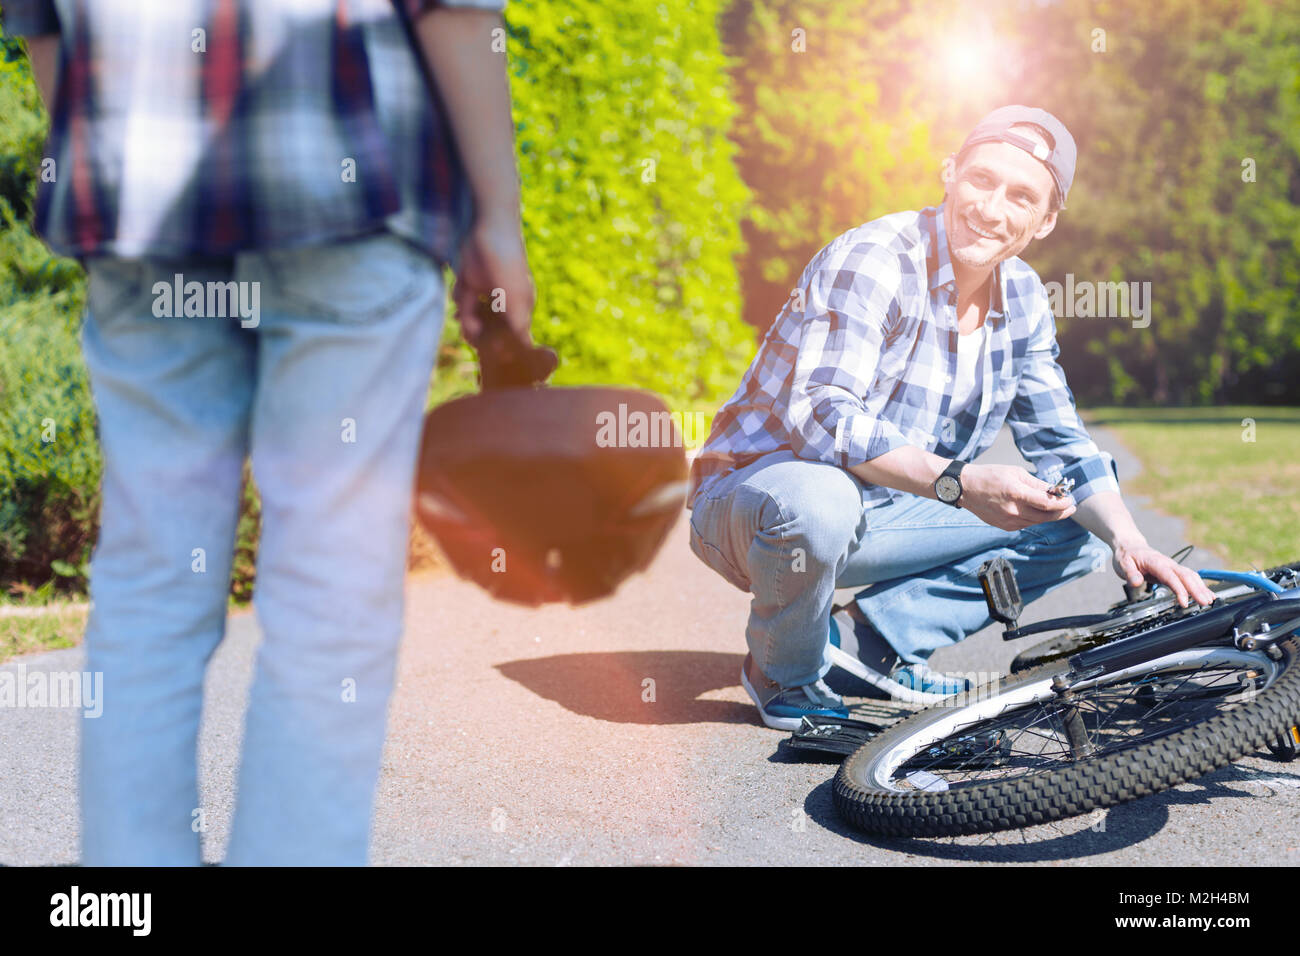 Hijo viendo padre de fijación en el parque de bicicletas Imagen De Stock